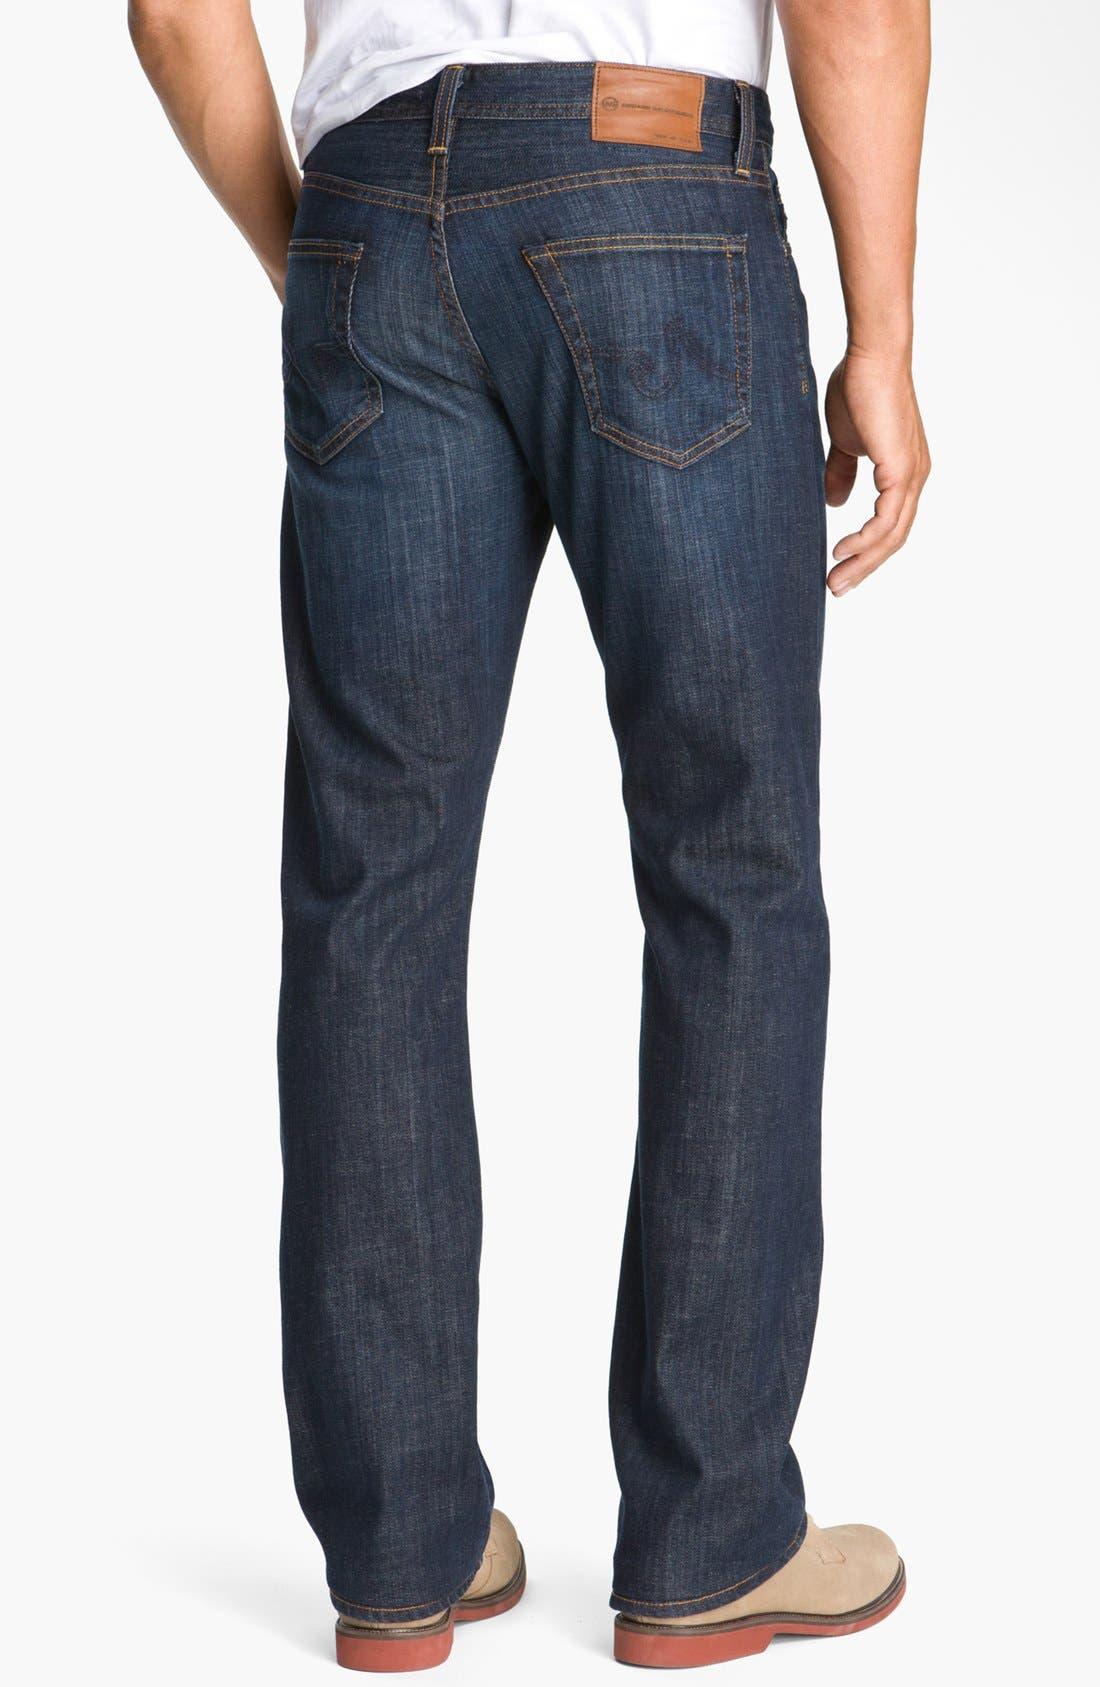 Protégé Straight Leg Jeans,                             Alternate thumbnail 6, color,                             HUNTS WASH